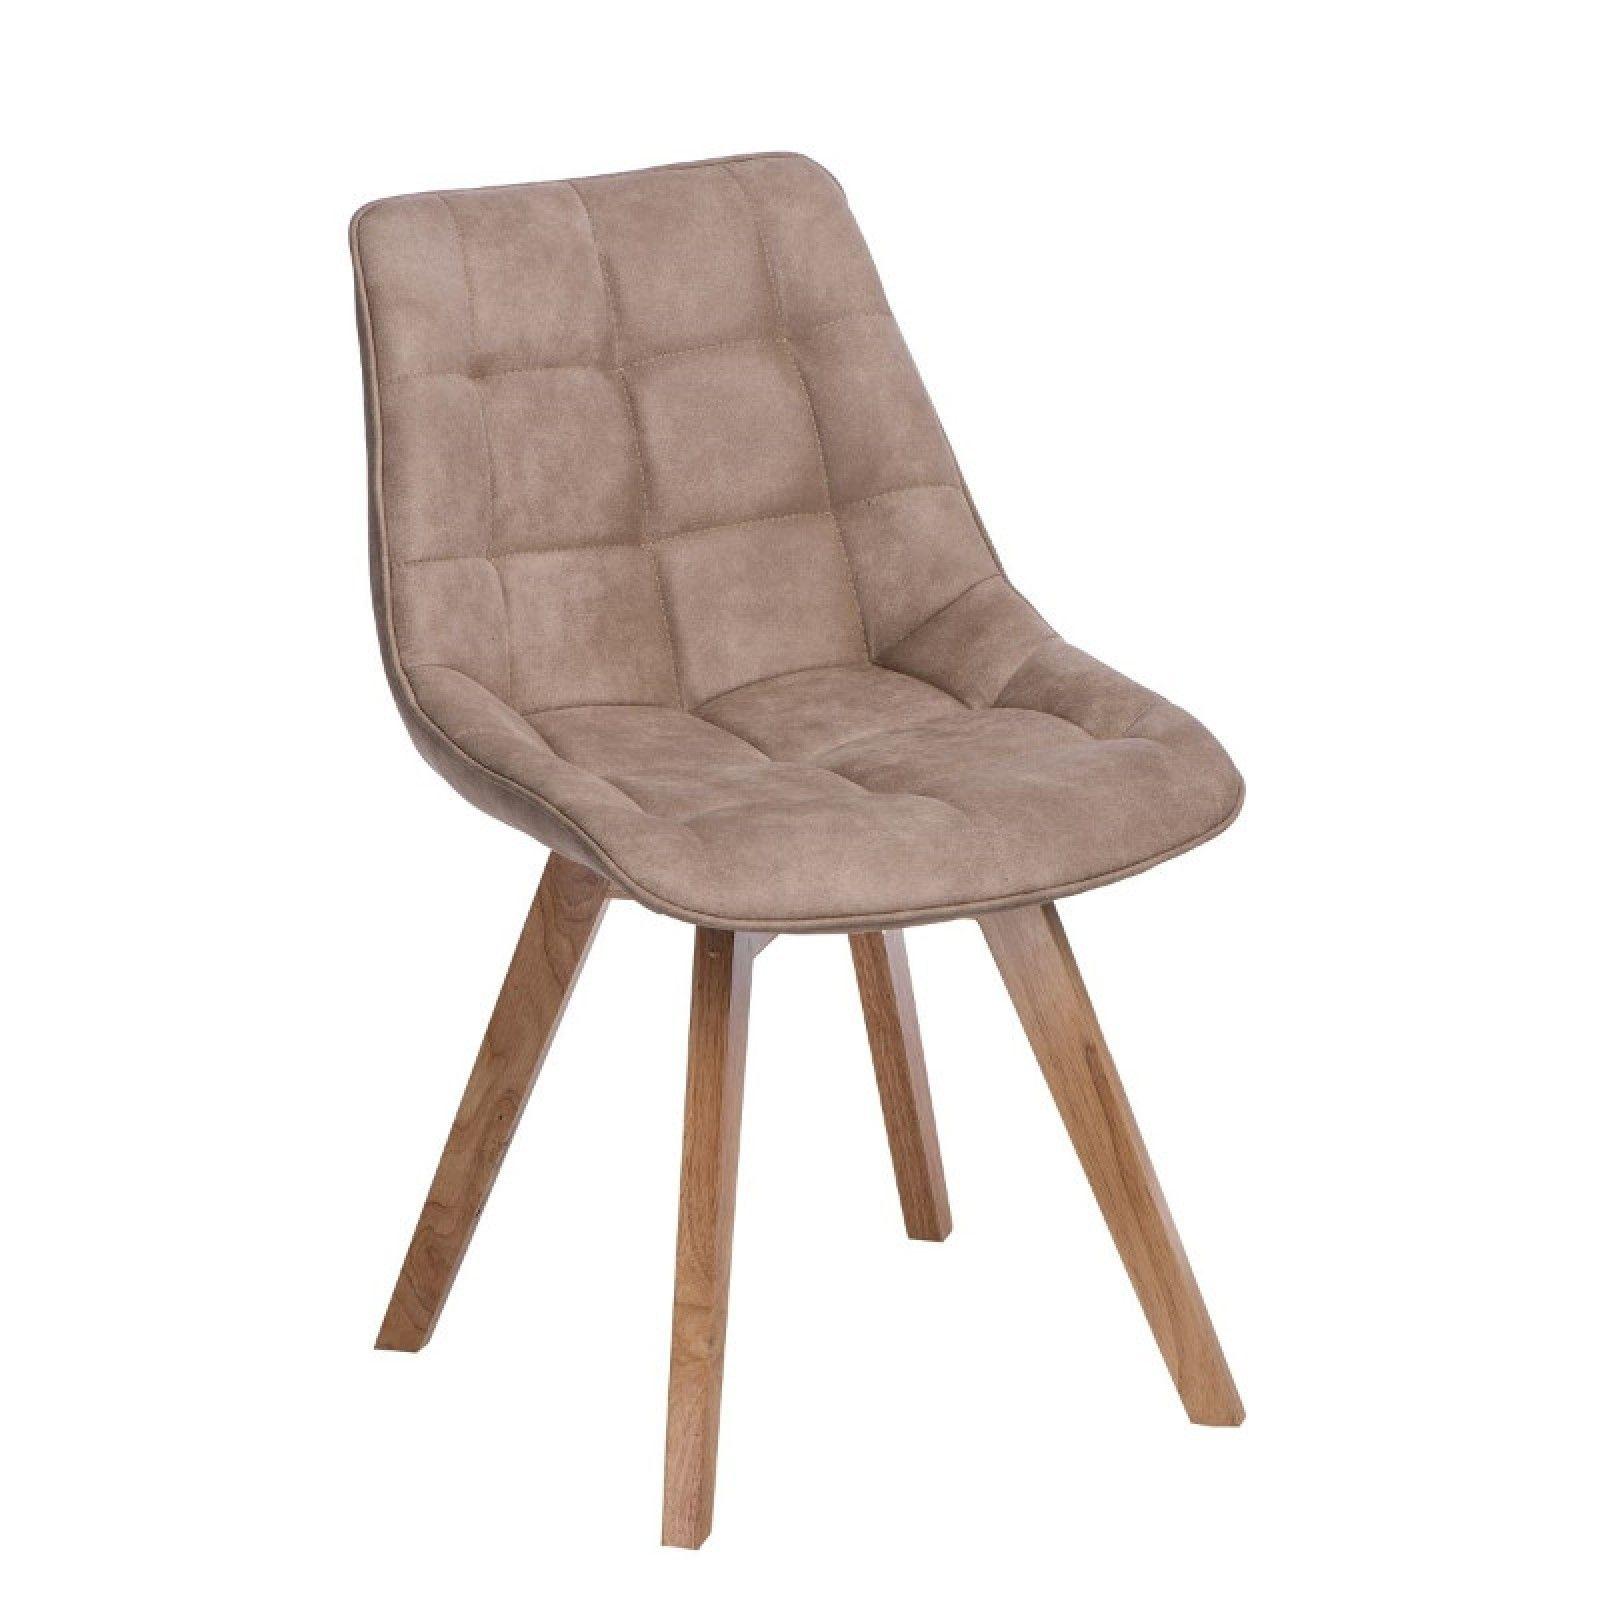 Woody kárpitozott szék bézs Woody szék rendkívül kényelmes